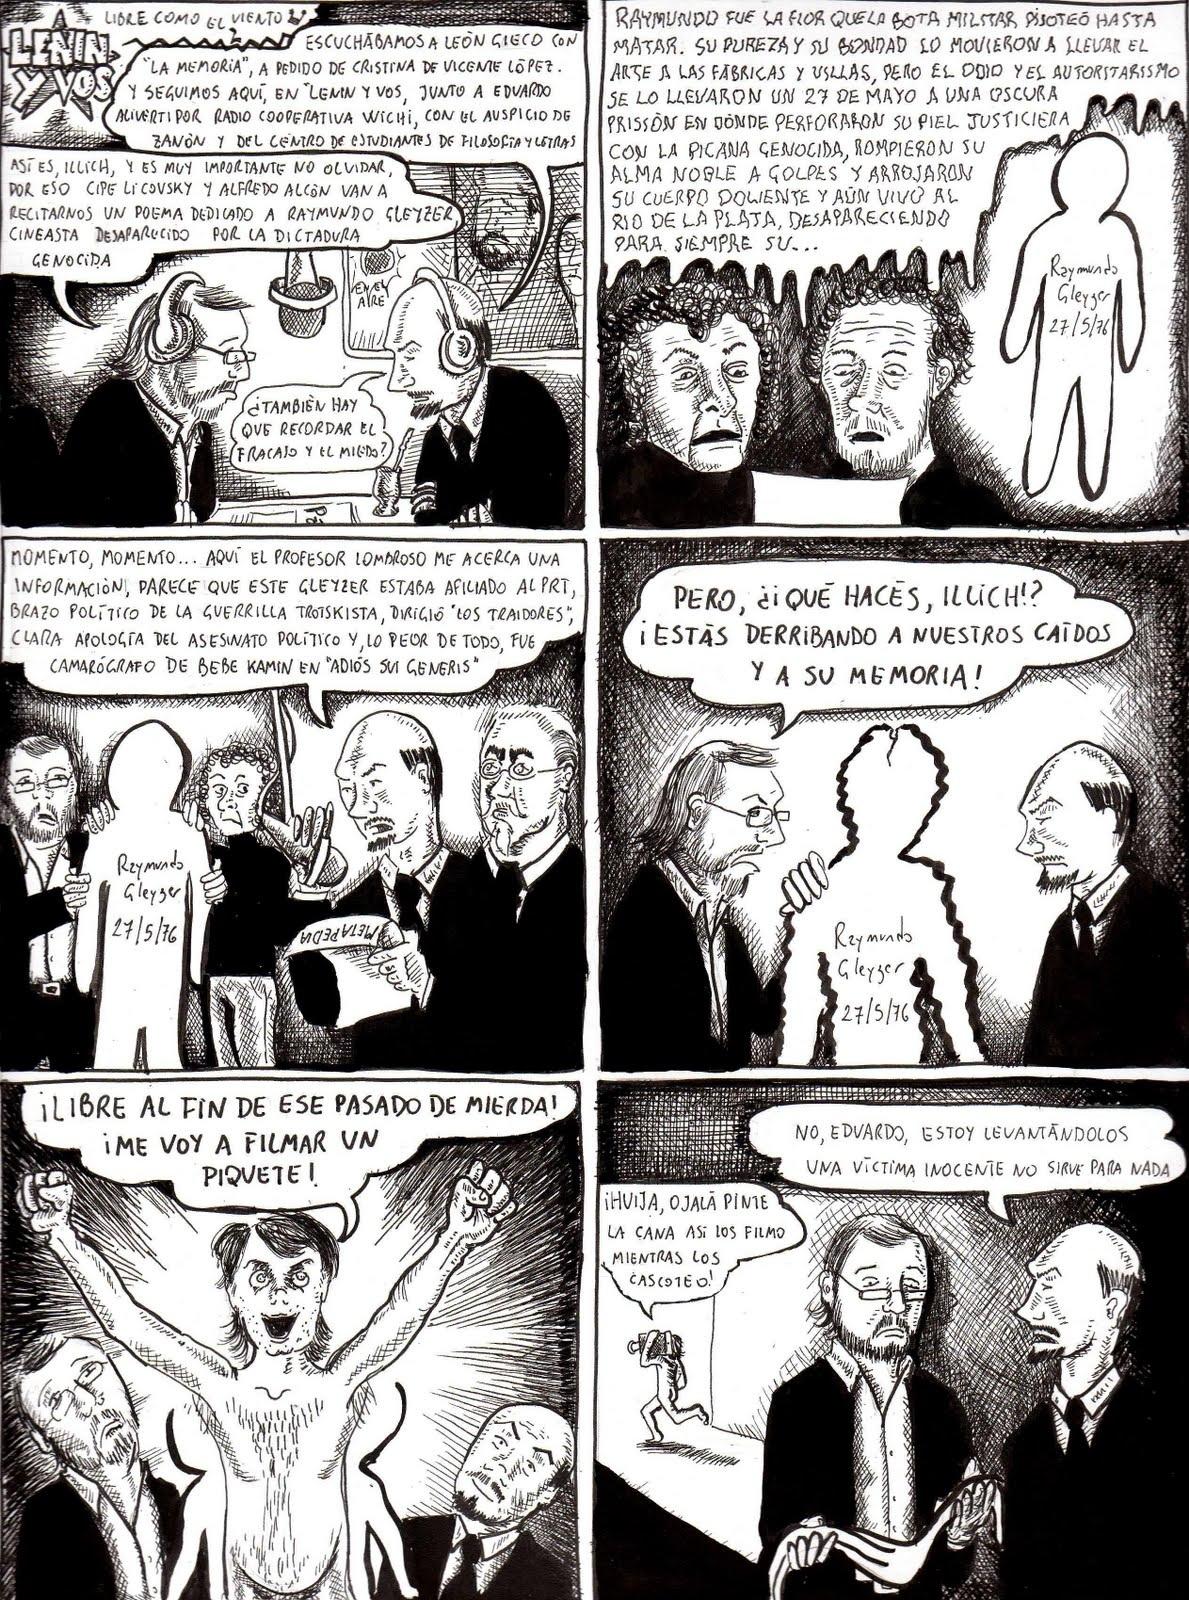 Lenin+en+la+ESMA